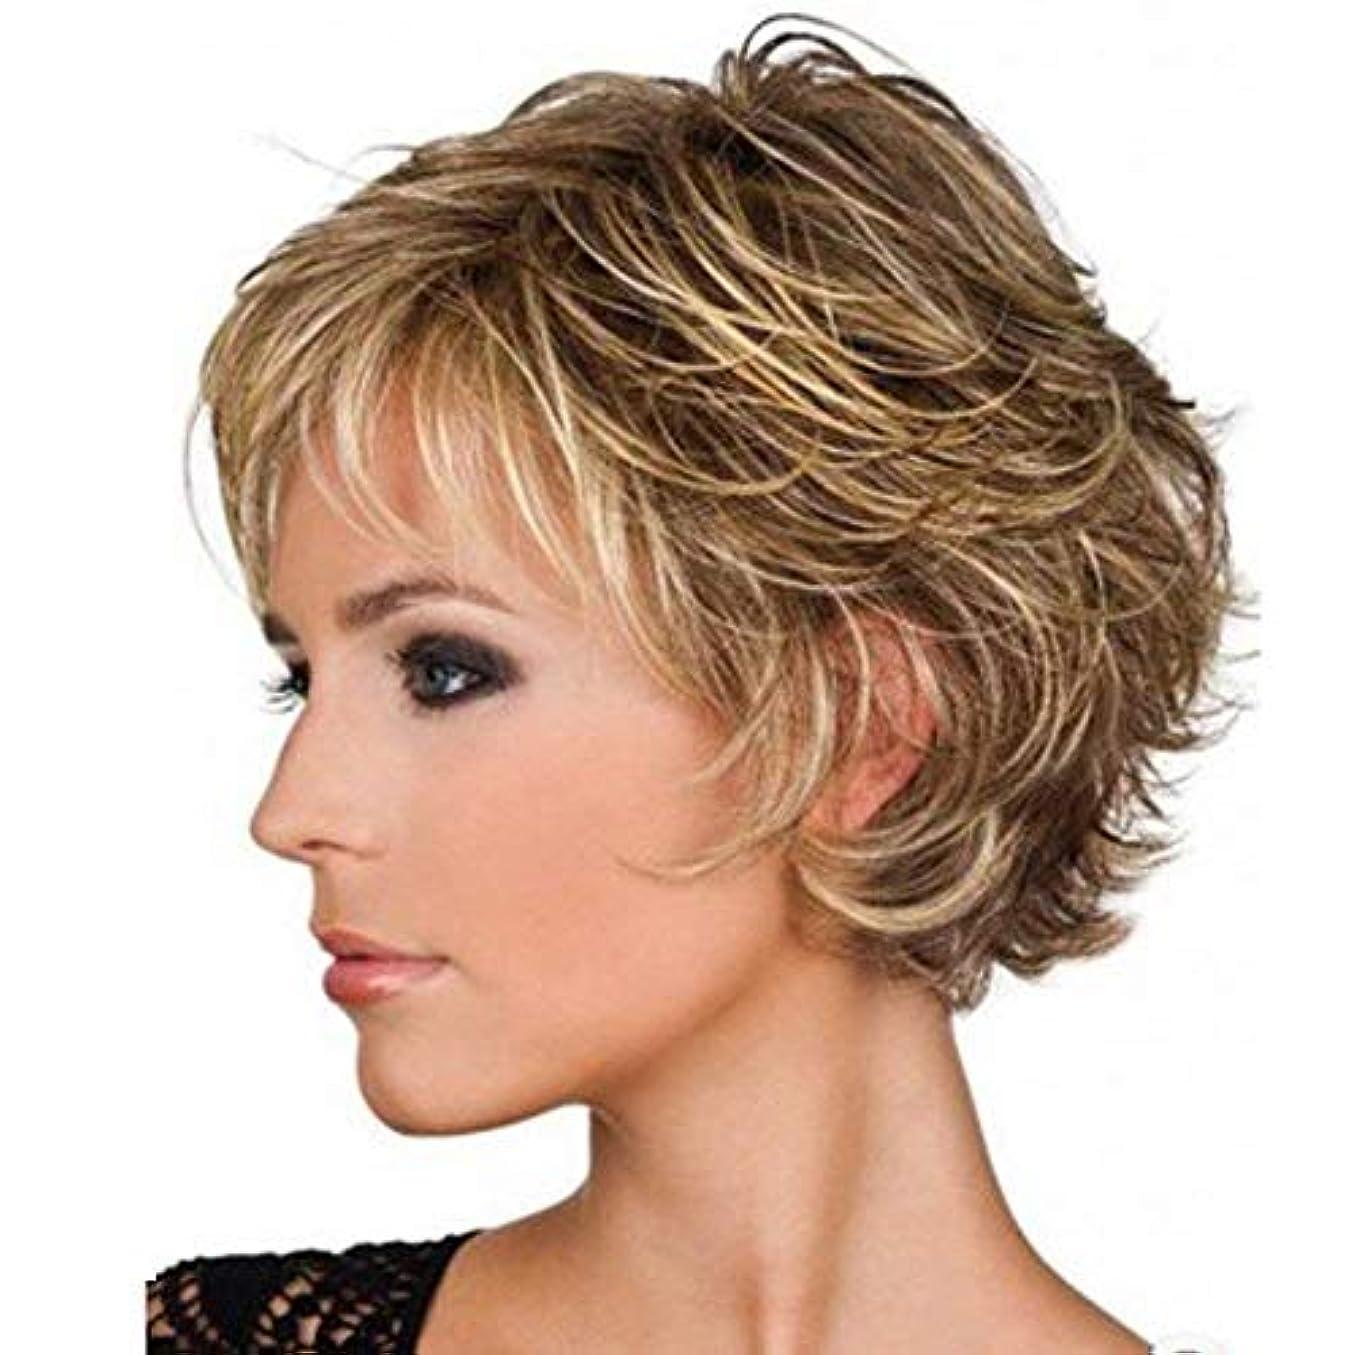 フォーマル失業者出席するYOUQIU ナチュラルブラウンは、女性のかつら用ストレートショートヘアウィッグを強調表示します (色 : Blonde)